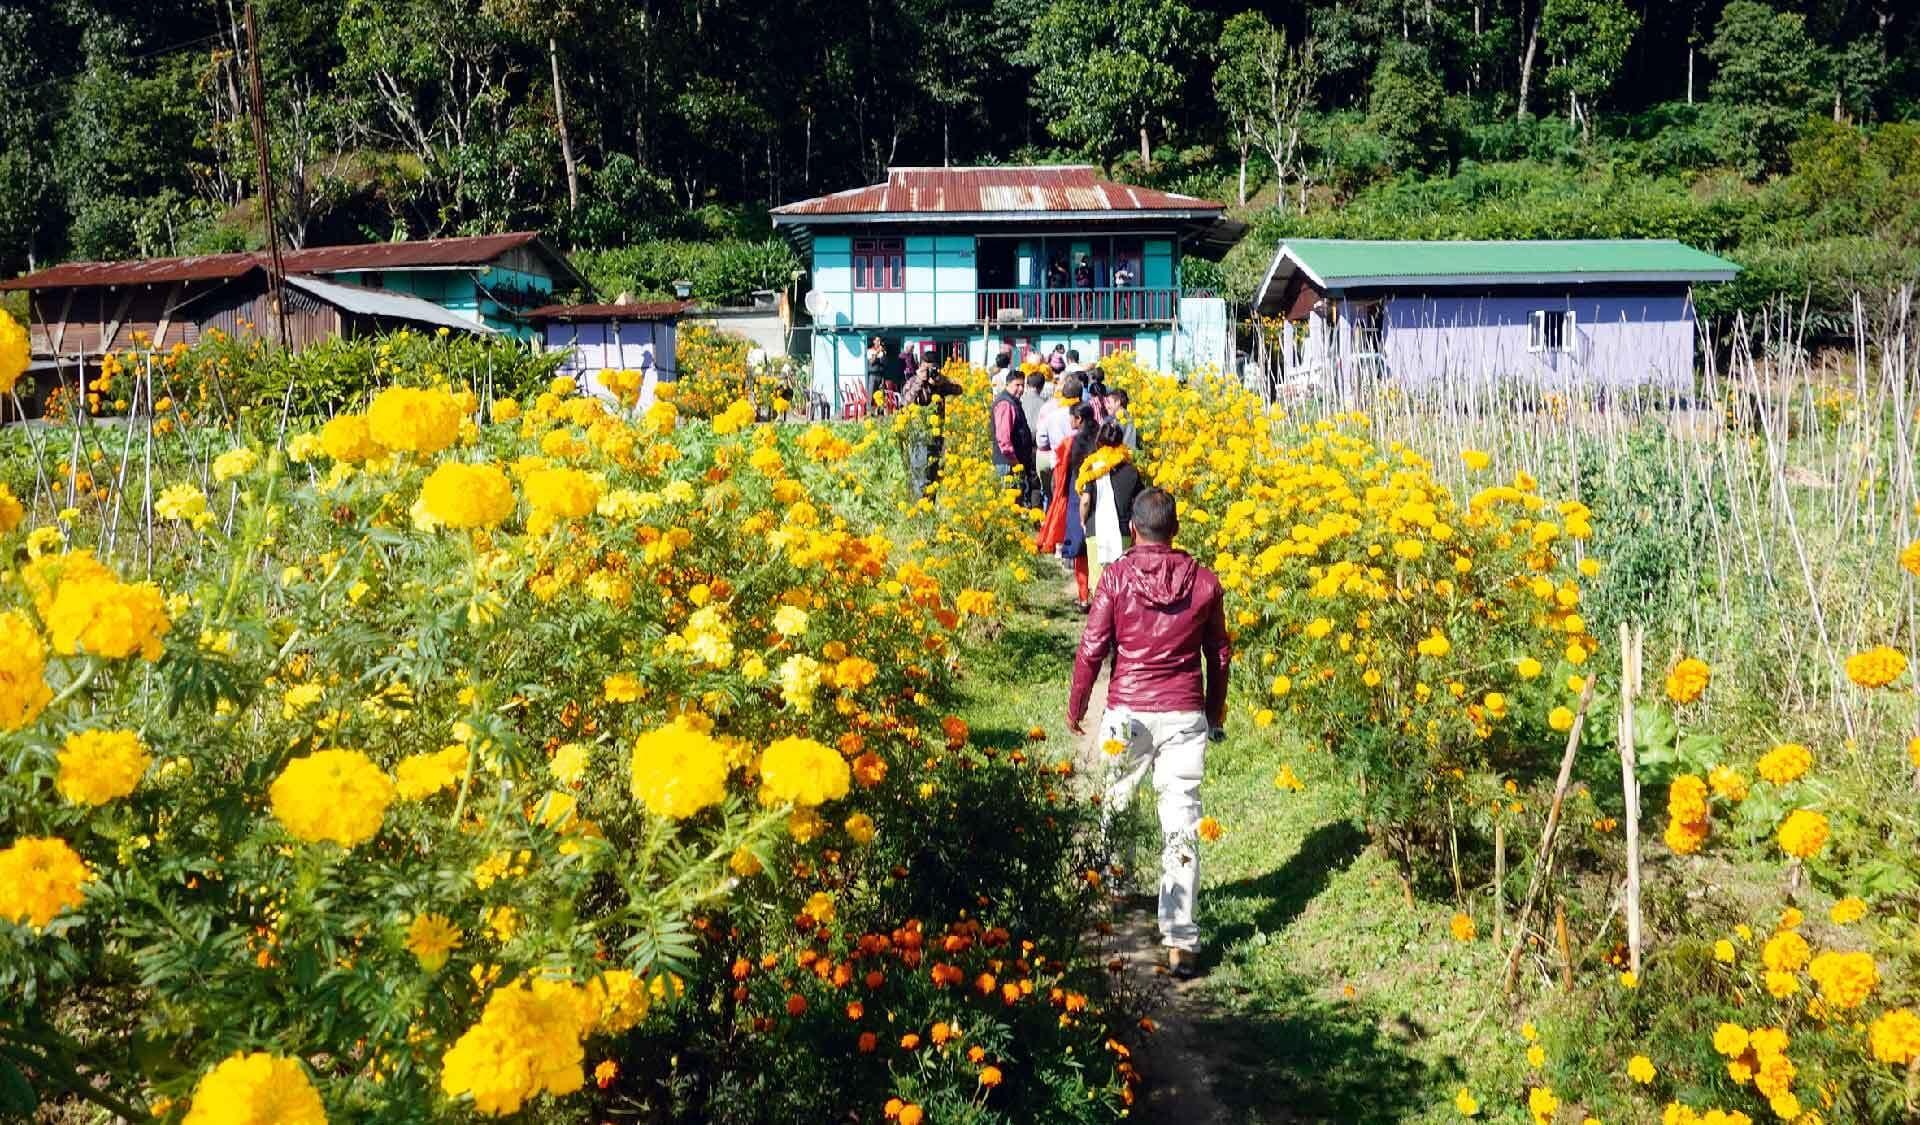 Menschen laufen durch ein Feld gelb blühender Blumen